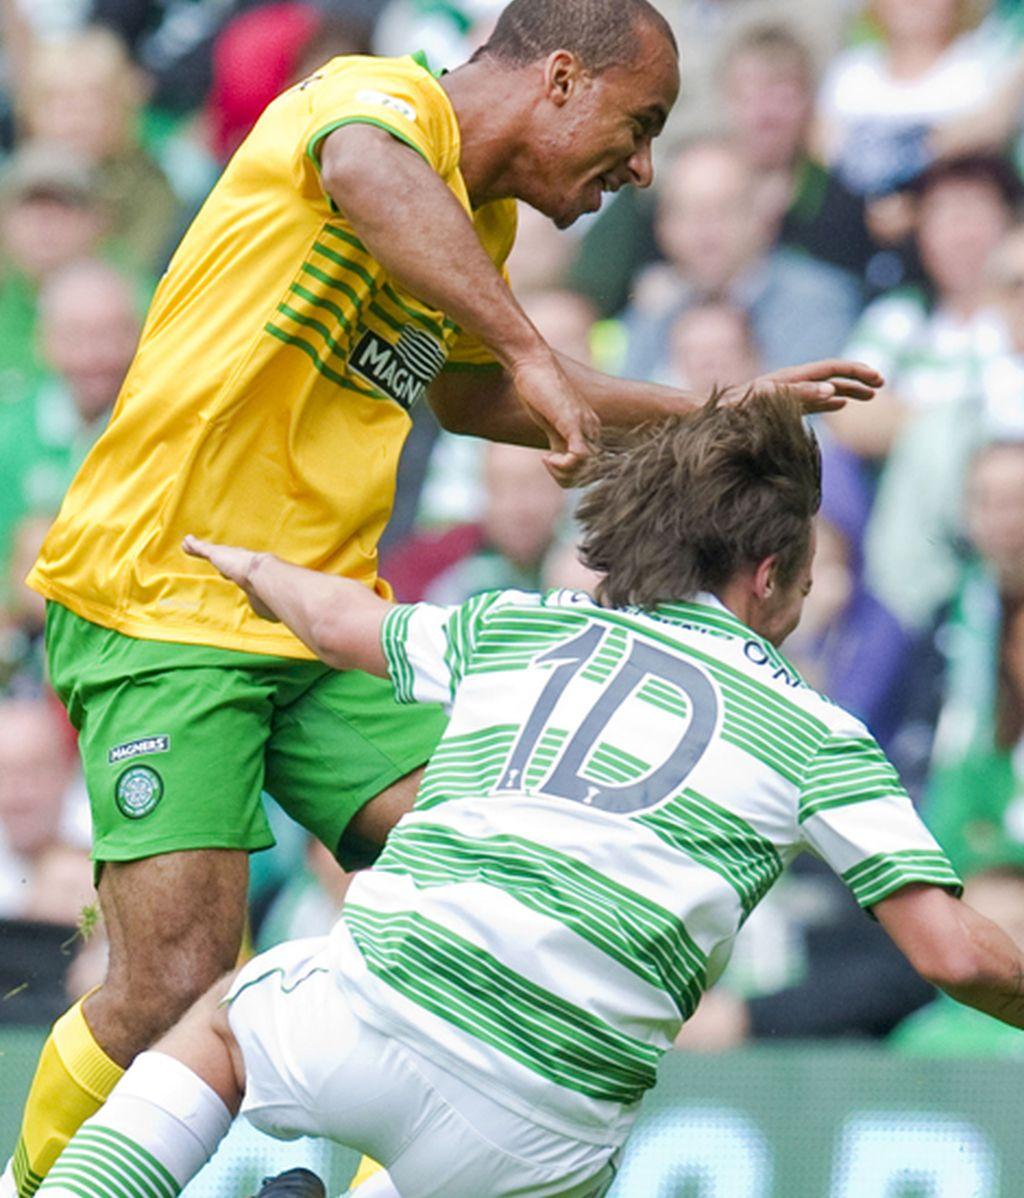 El fútbol le pasa factura a Louis Tomlinson